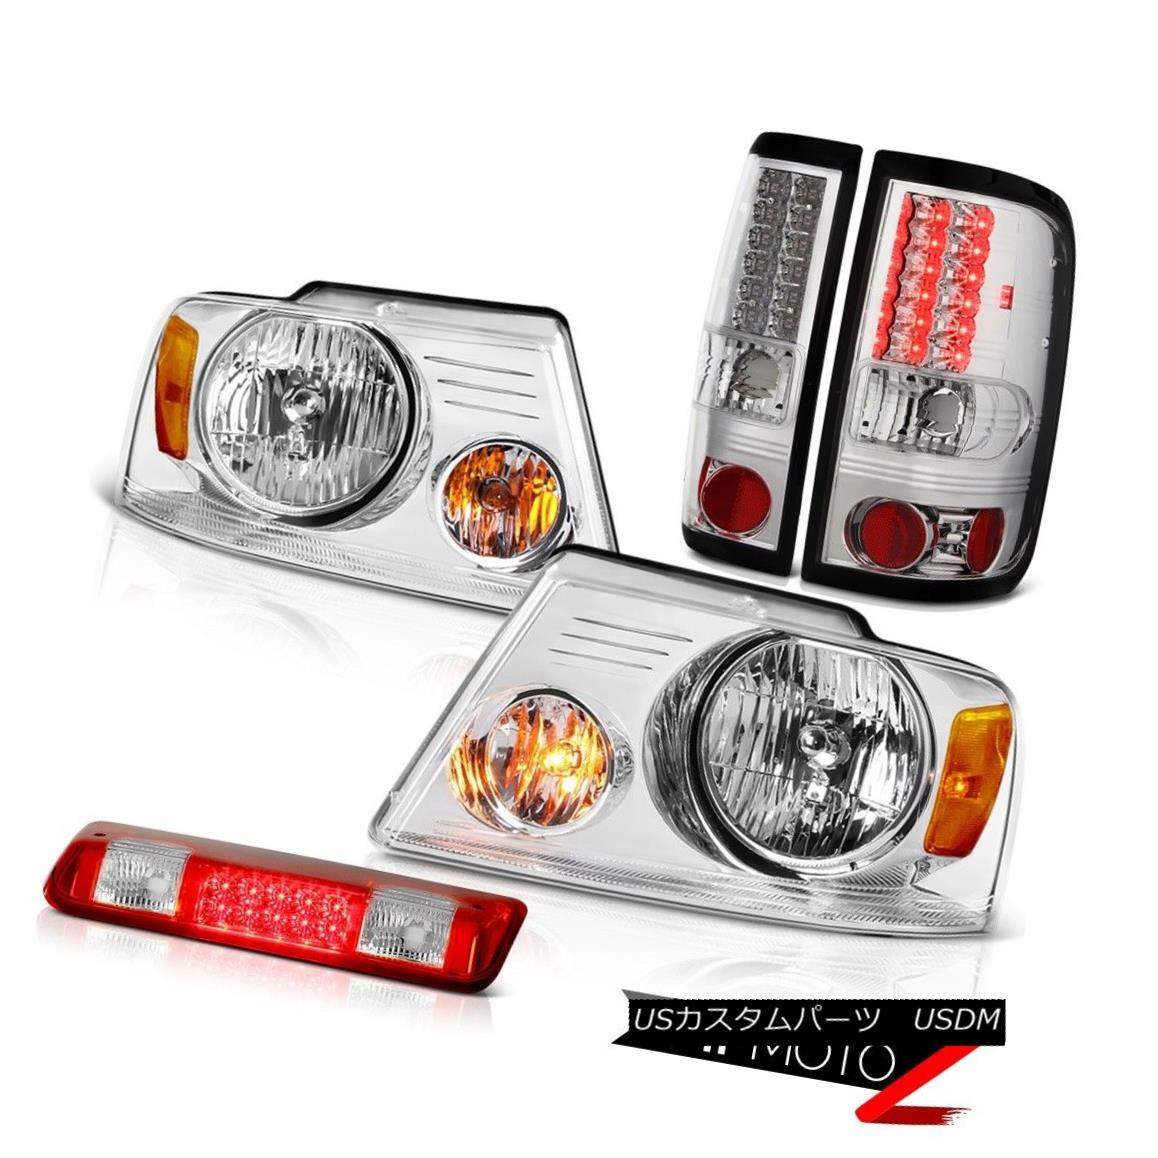 テールライト 2004-2008 Ford F150 FX4 Red Clear 3rd Brake Lamp Headlamps Tail Lights OE Style 2004-2008フォードF150 FX4レッドクリア第3ブレーキランプヘッドライトテールライトOEスタイル